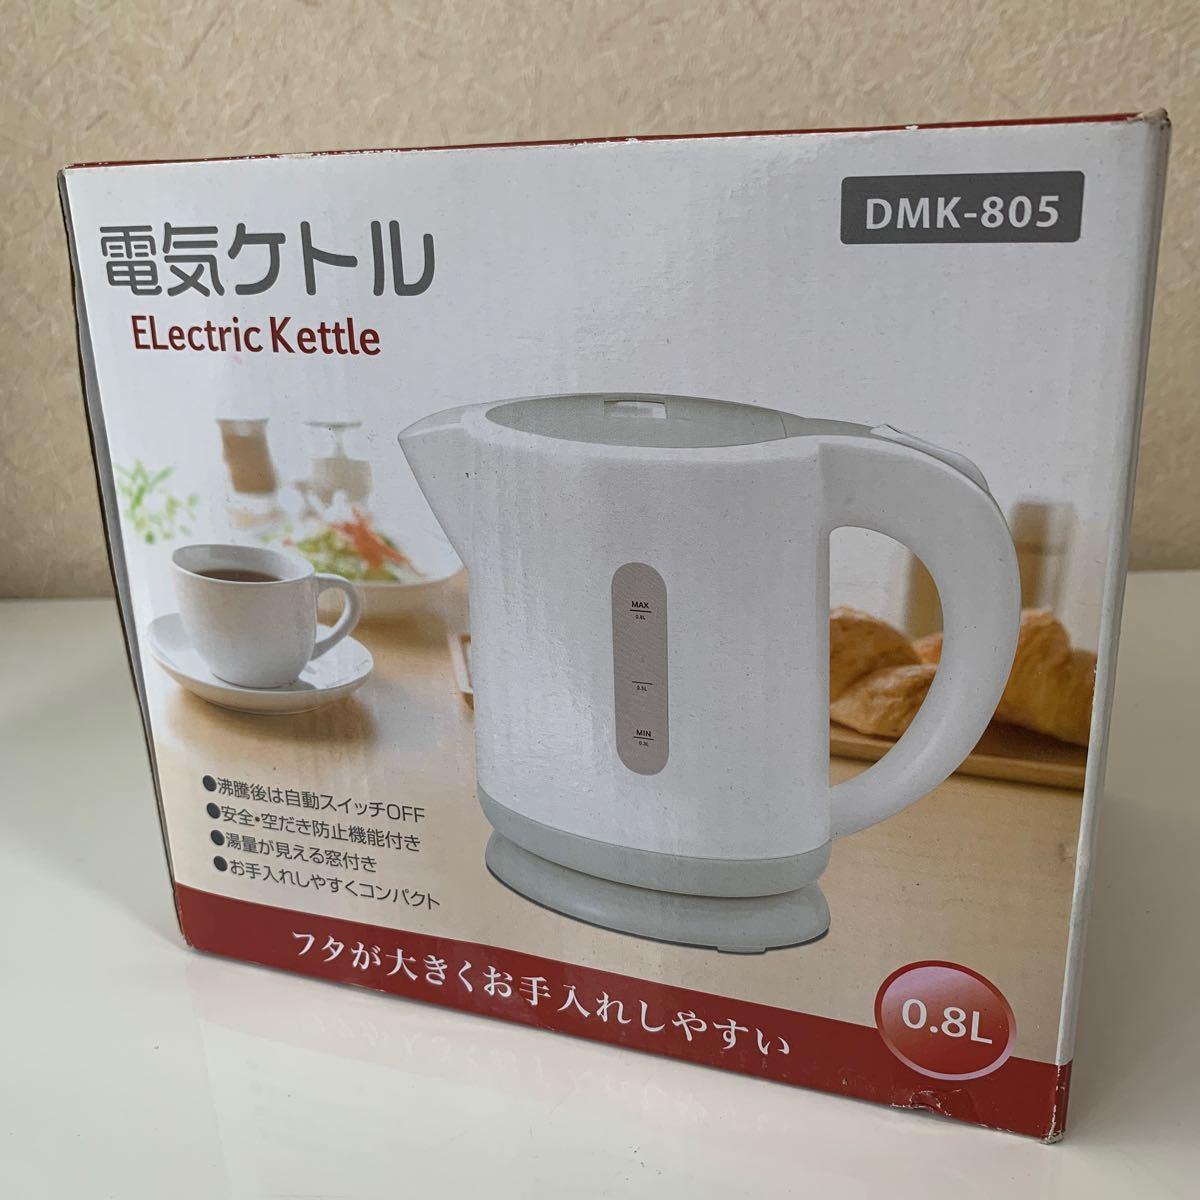 電気ケトル DMK-805